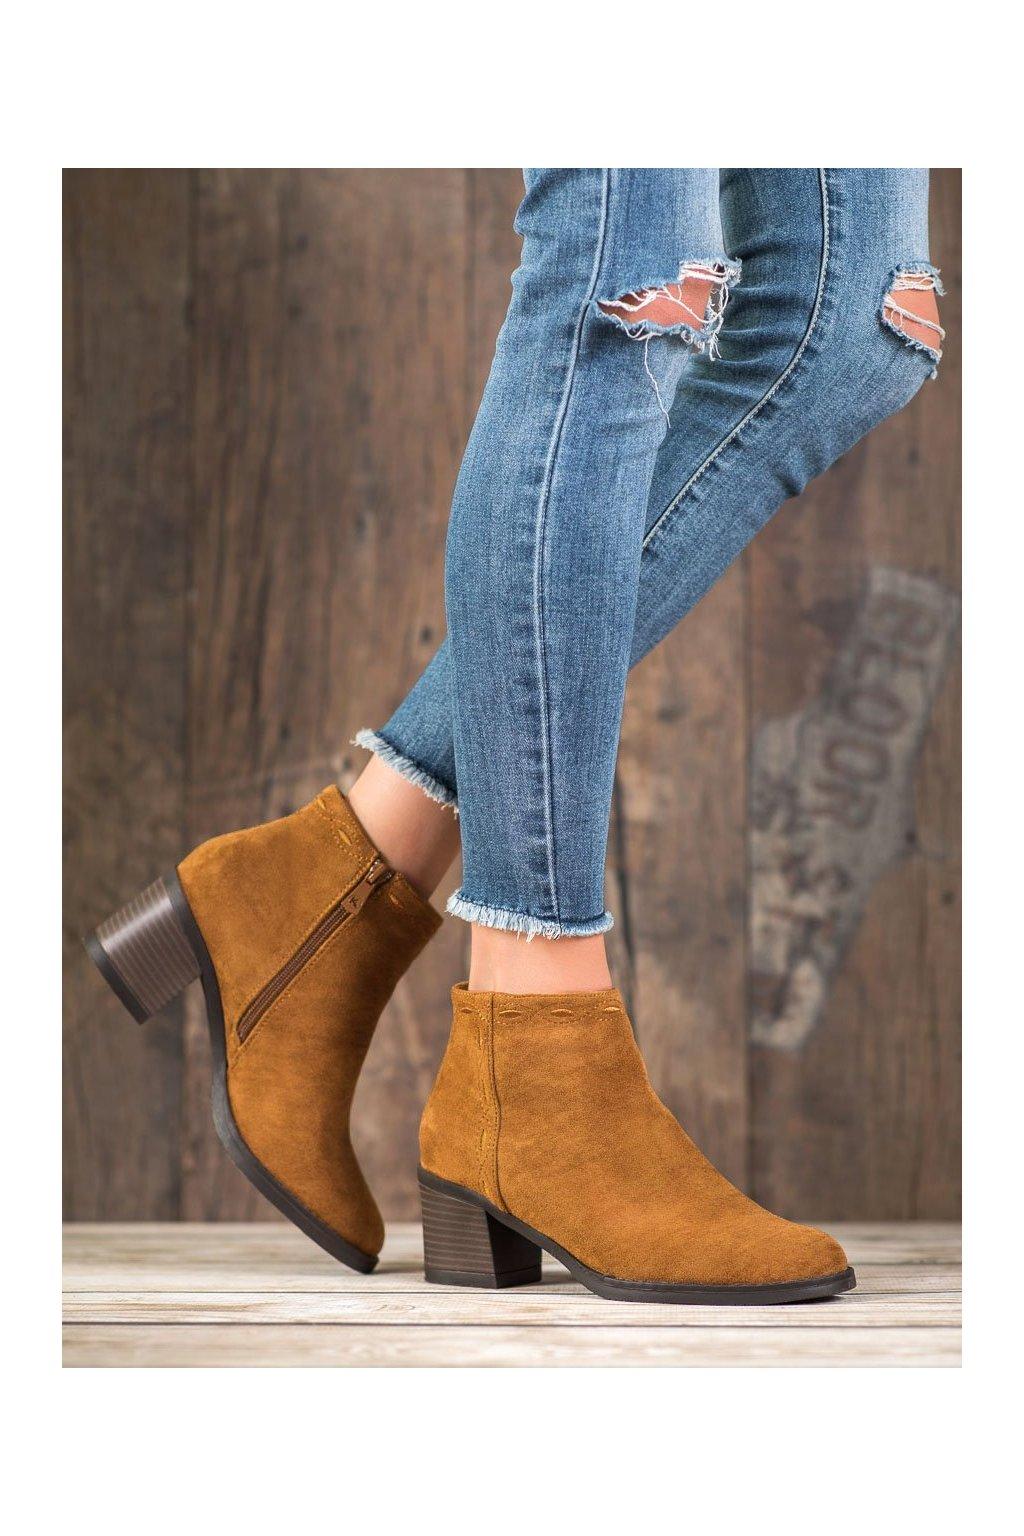 Hnedé dámske topánky Kylie kod K1937904CUE